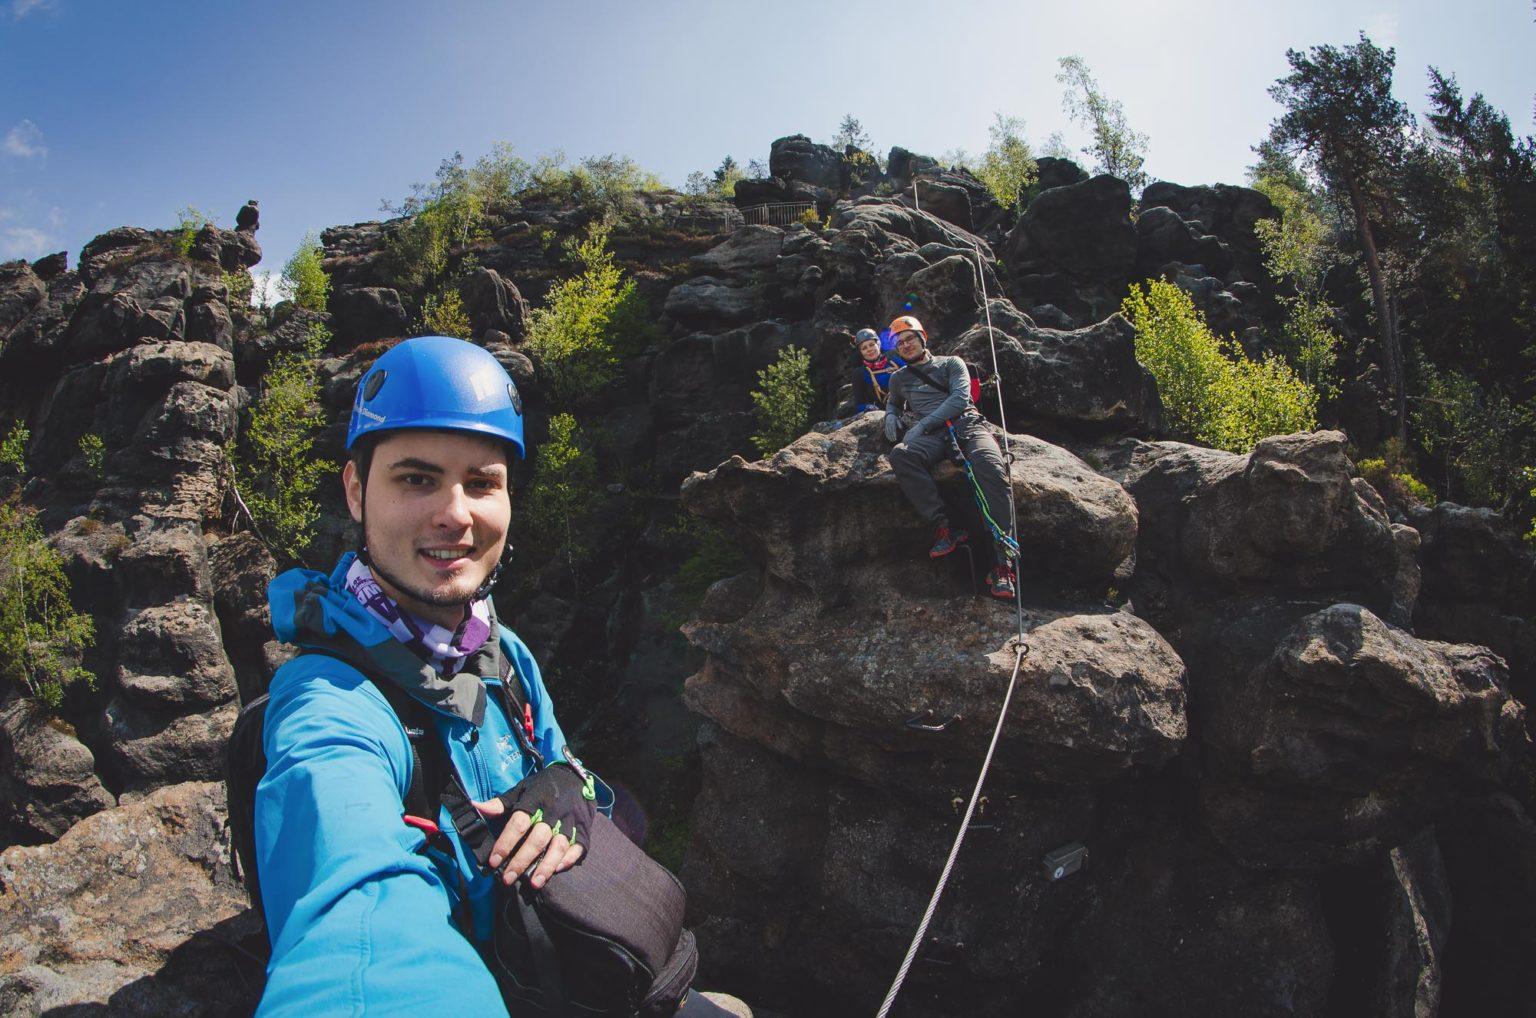 Trzy osoby robią sobie selfie na ferracie Alpiner Grat